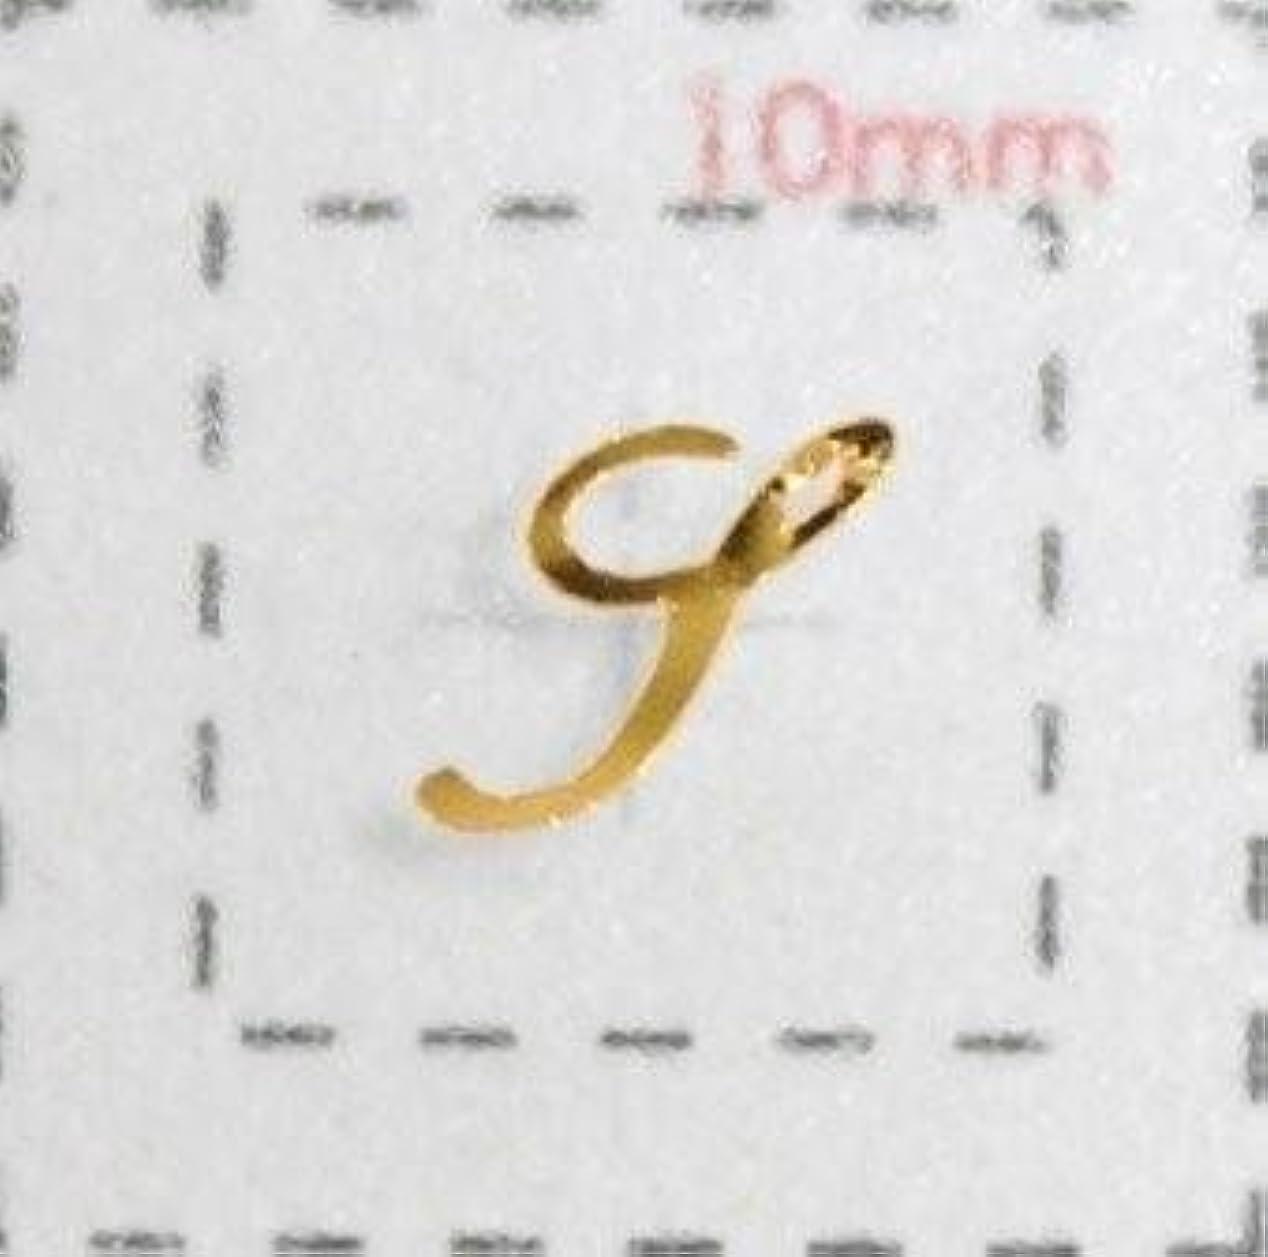 ファイバ複製するポールNameネイルシール【アルファベット?イニシャル】大文字ゴールド( S )1シート9枚入